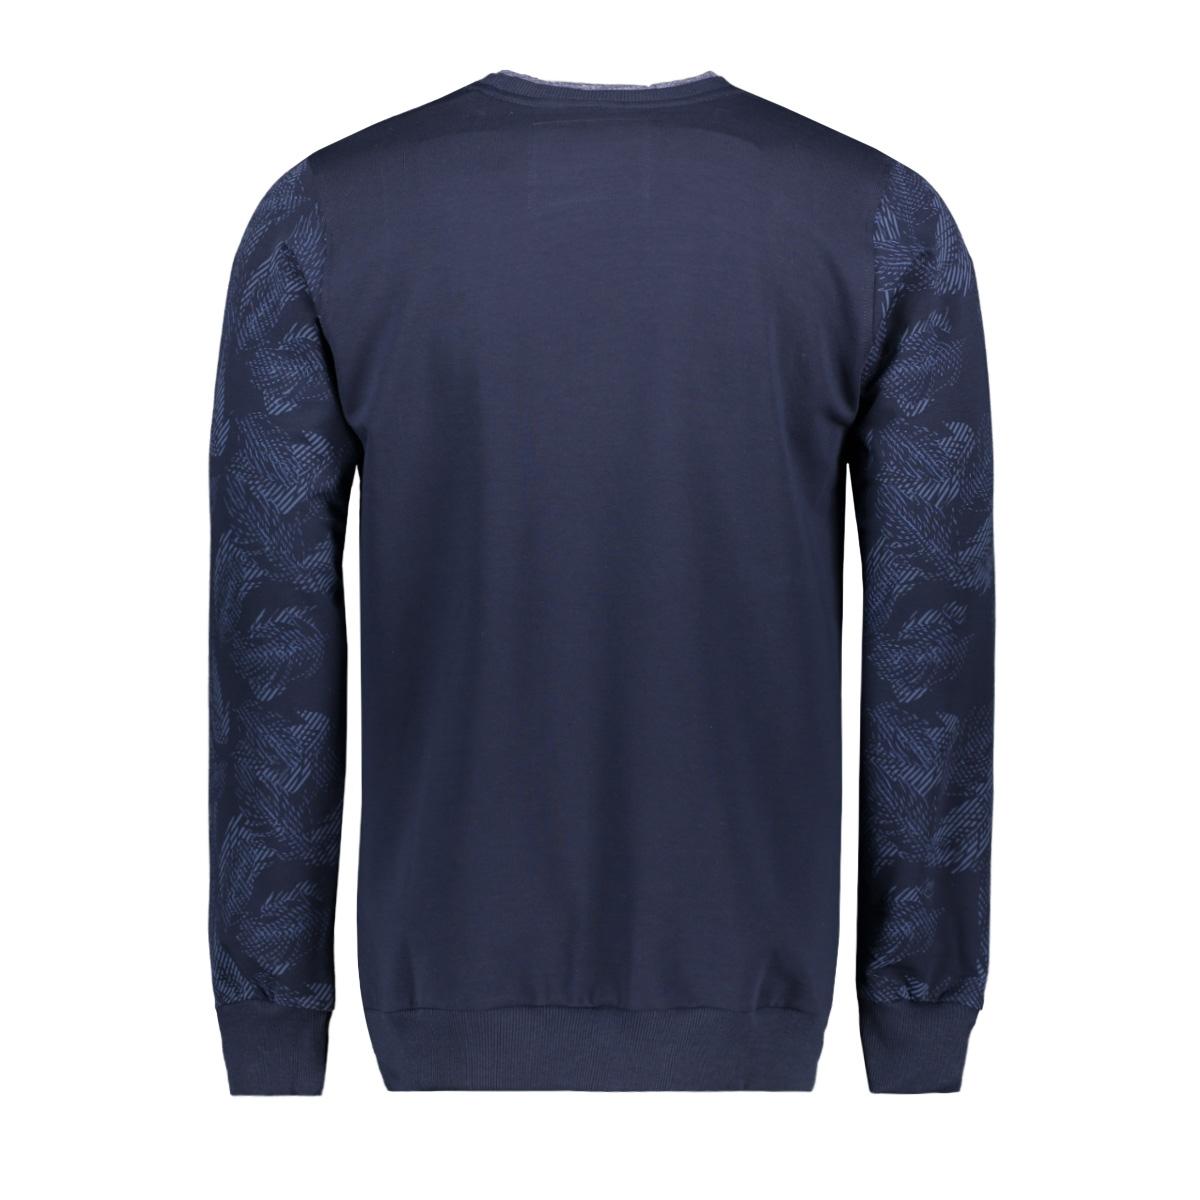 sweaters 77084 gabbiano sweater navy